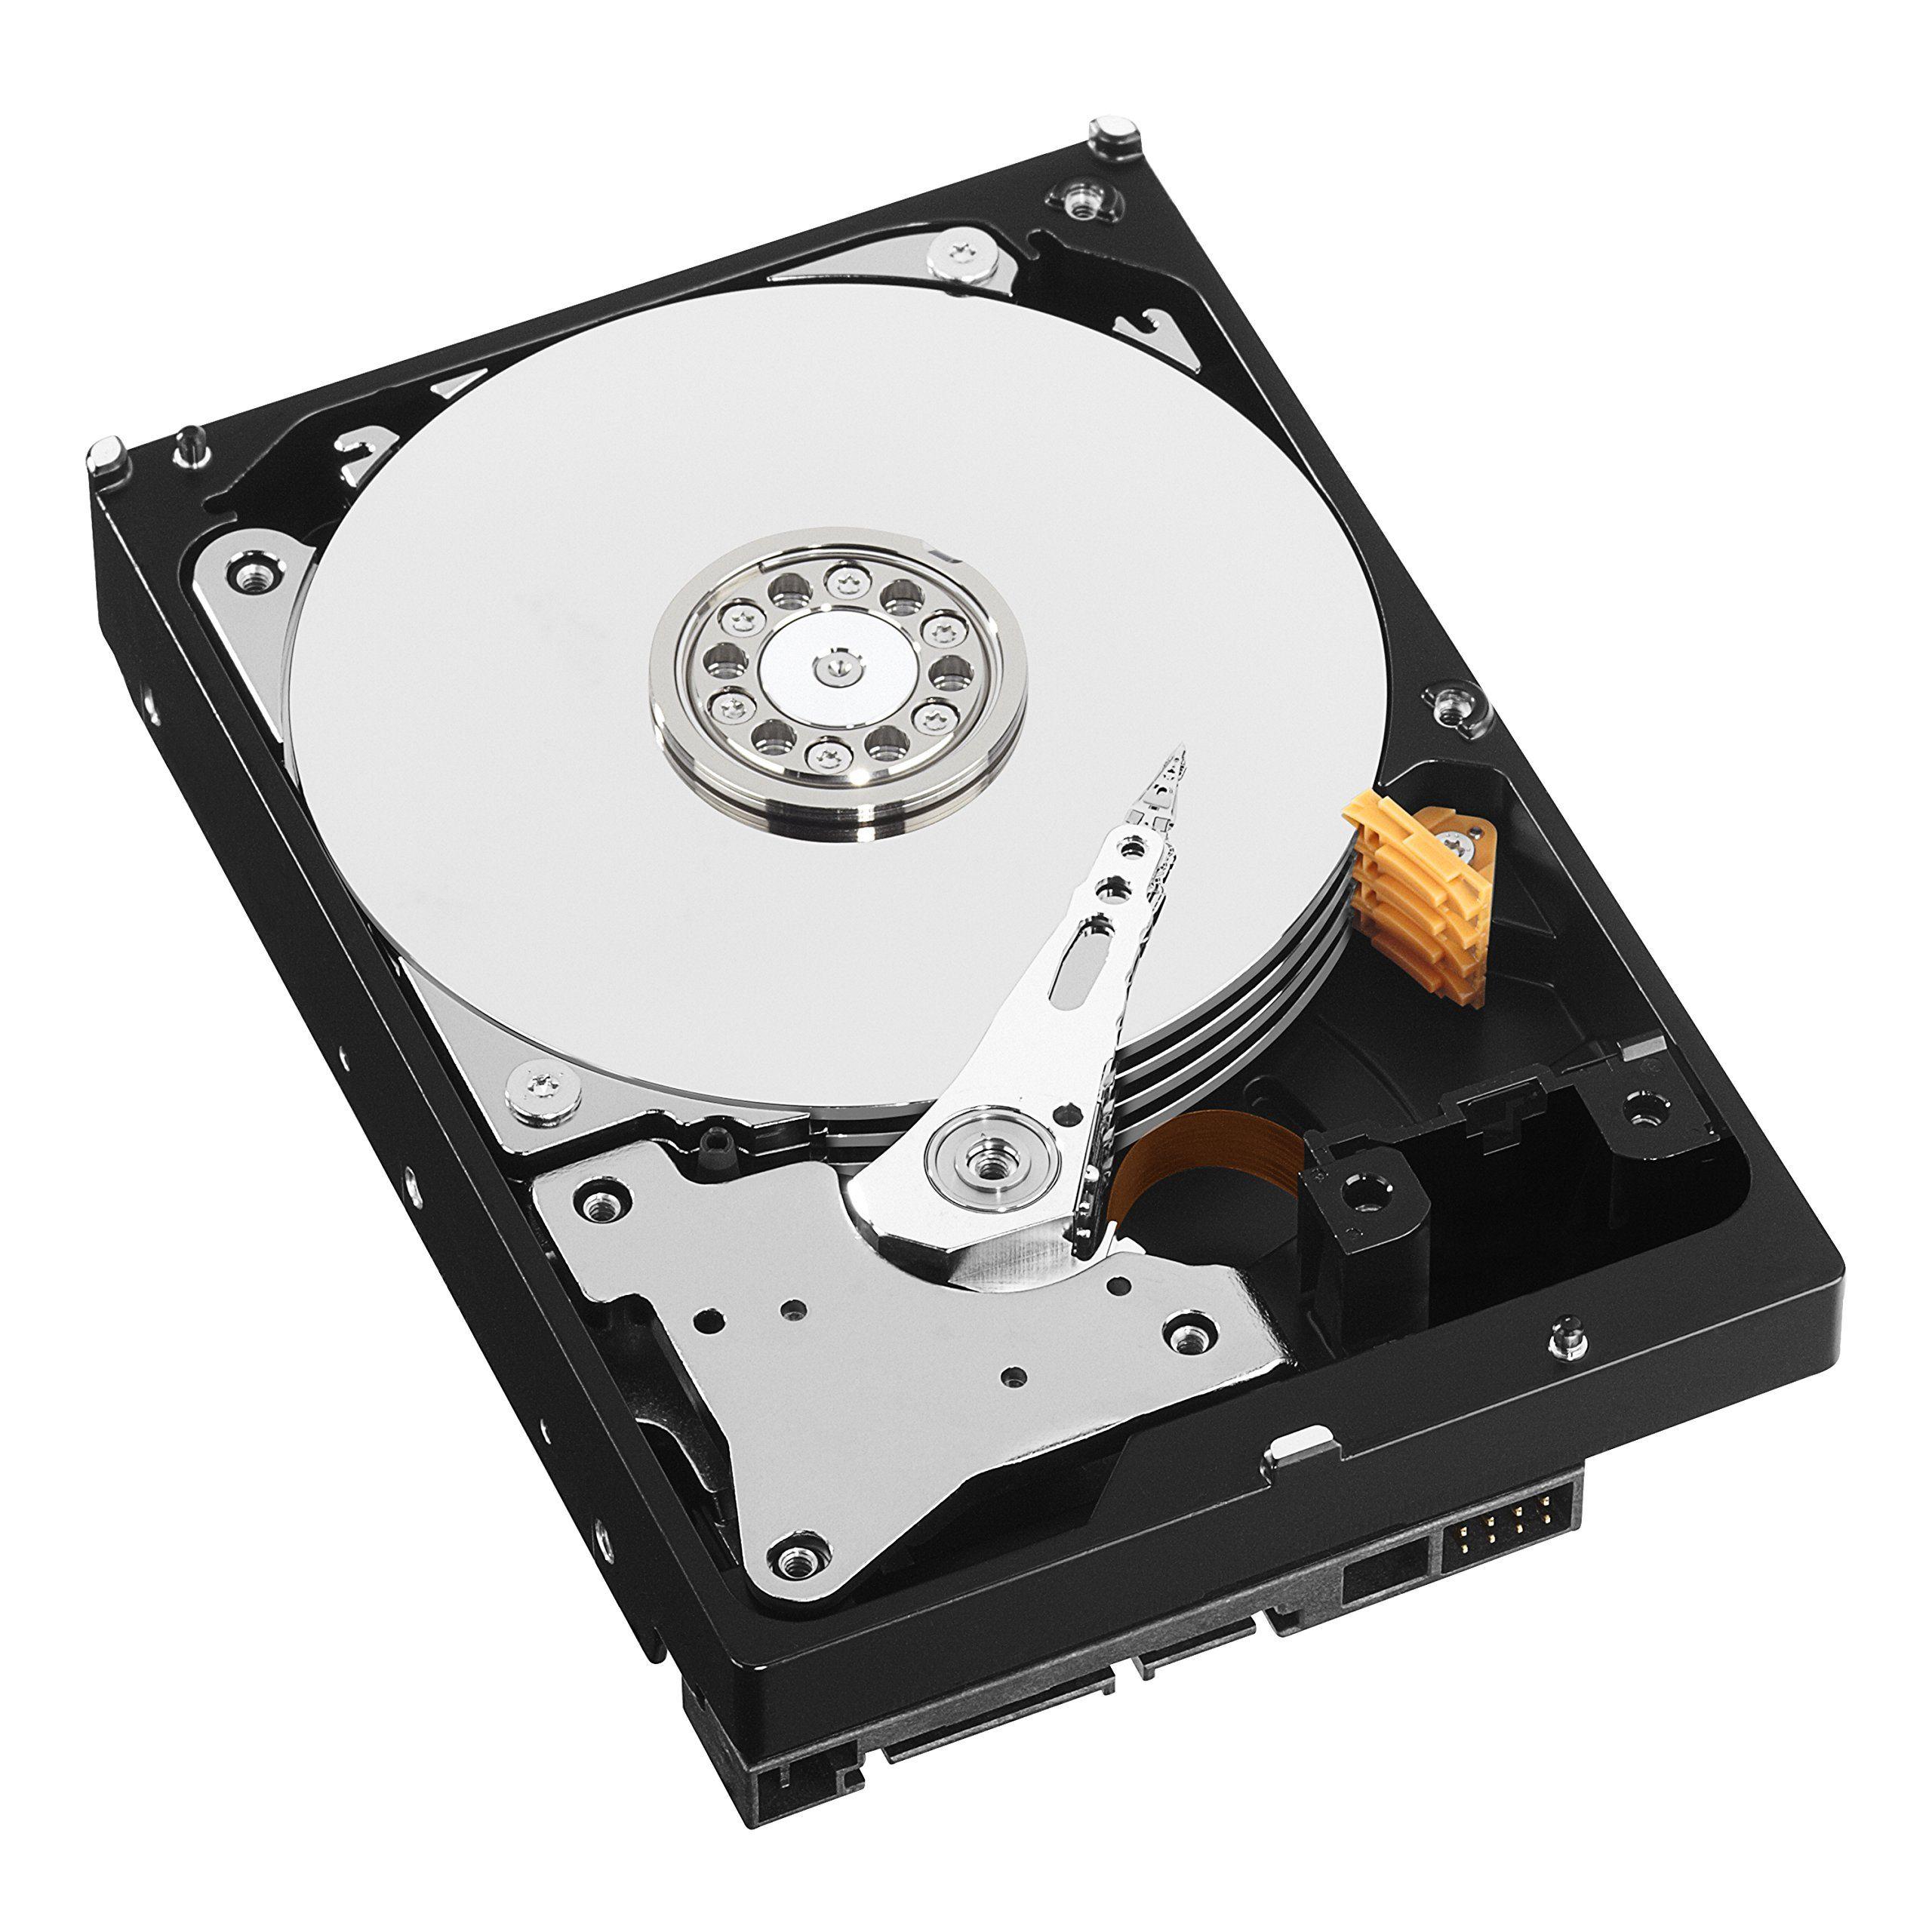 WD Purple 1TB Surveillance Hard Disk Drive 5400 RPM Class SATA 6 Gb ...